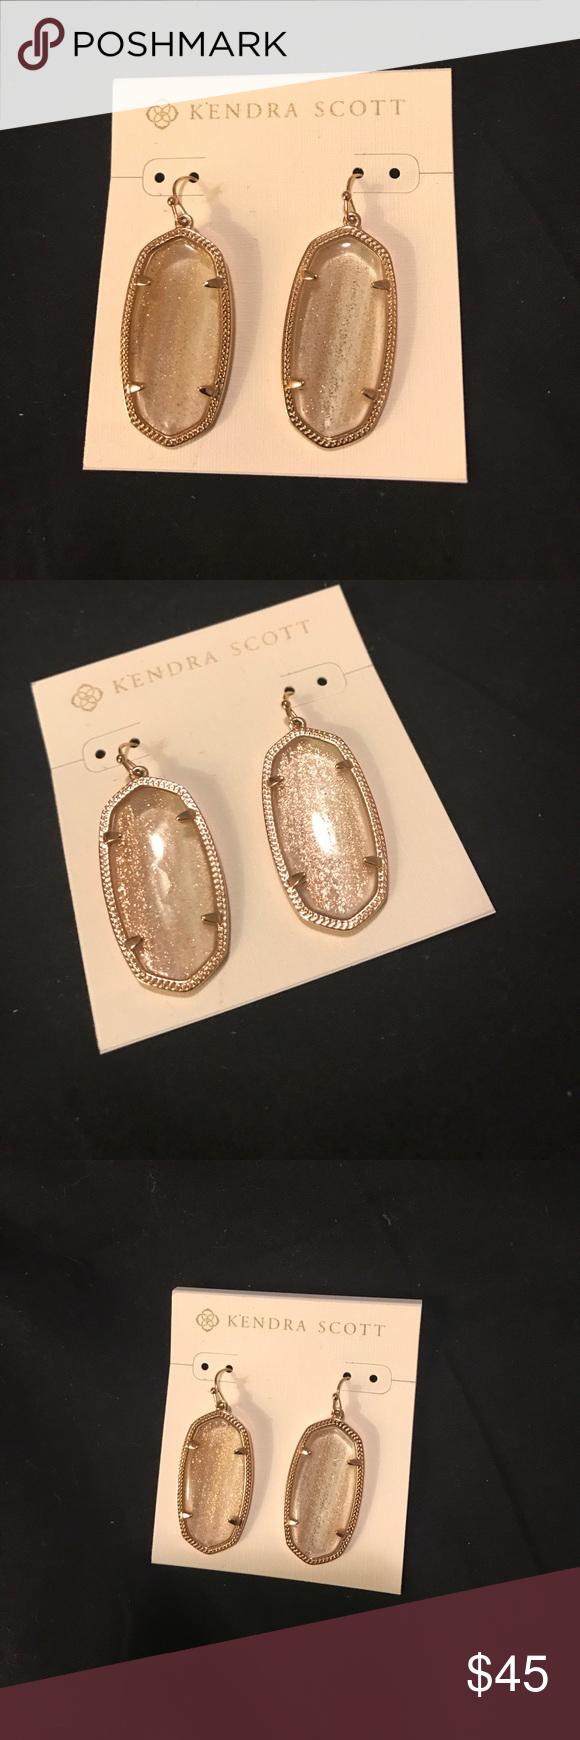 Kendra Scott Elle earrings NWOT perfect condition! KS Elle earrings in gold dusted glass. Absolutely stunning! Kendra Scott Jewelry Earrings